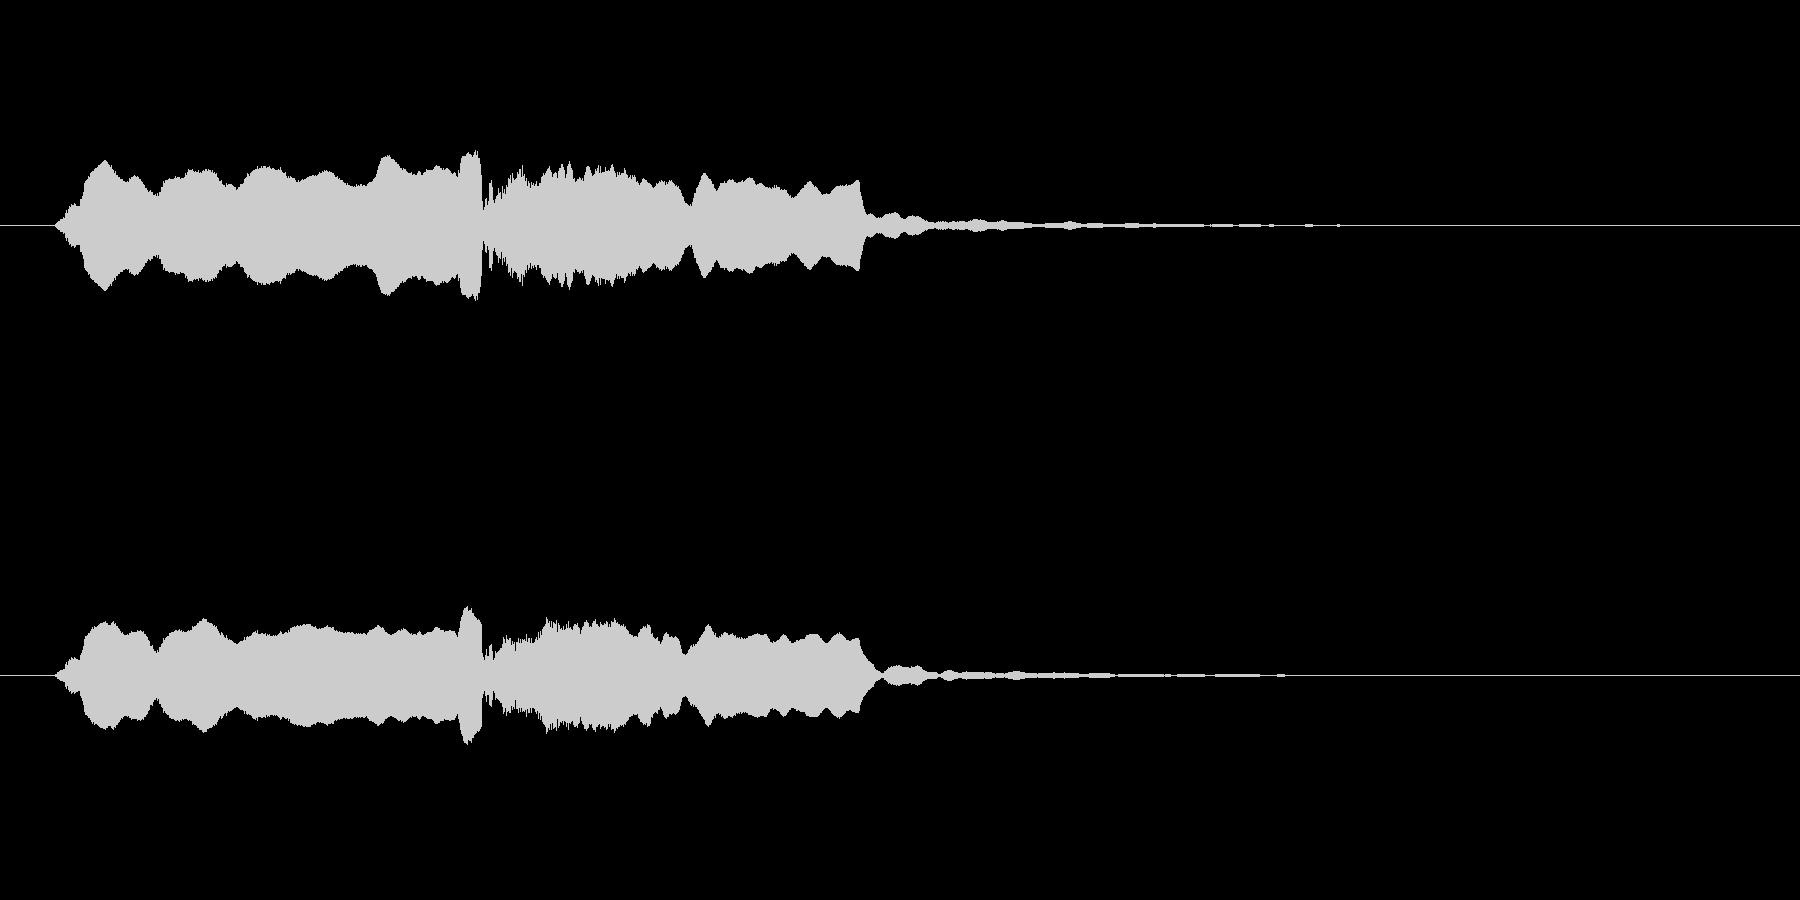 音侍SE「尺八フレーズ1」エニグマ音03の未再生の波形